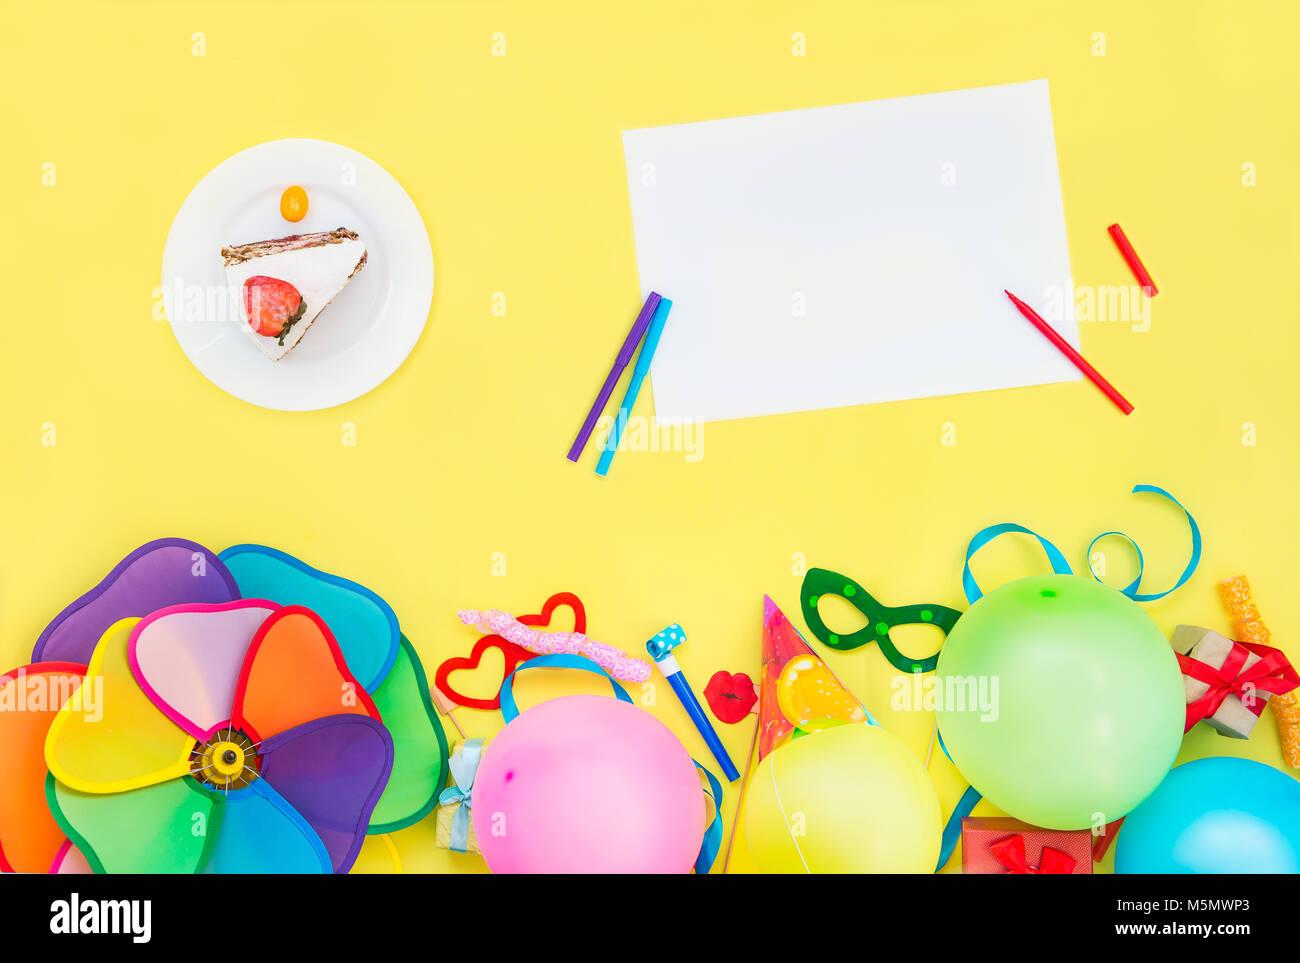 Heller Gelber Hintergrund Mit Festlichen Kuchen, Leer, Leer, Party Tools  Und Dekoration